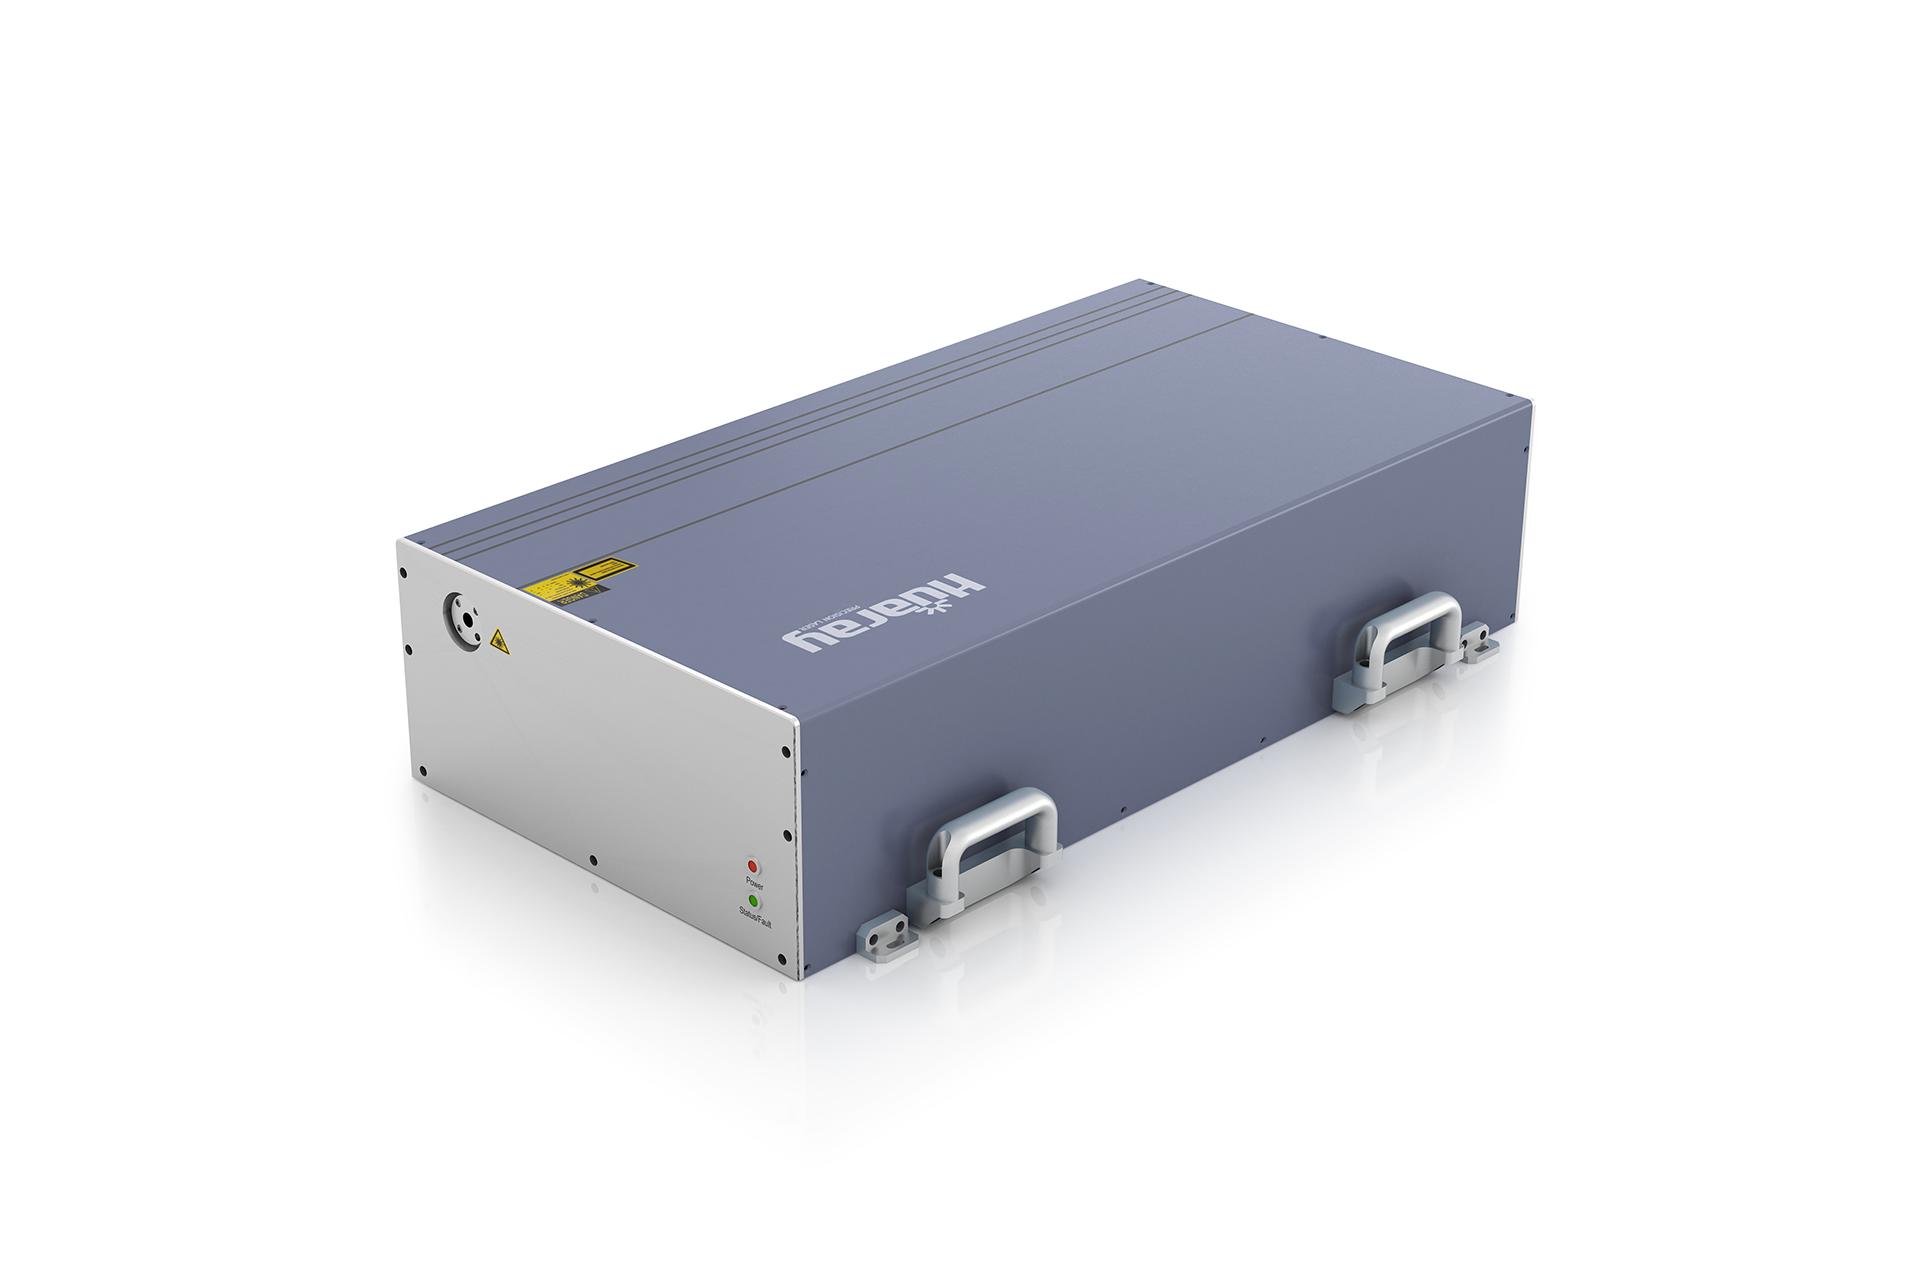 PINE系列工业级70/100W皮秒红外激光器